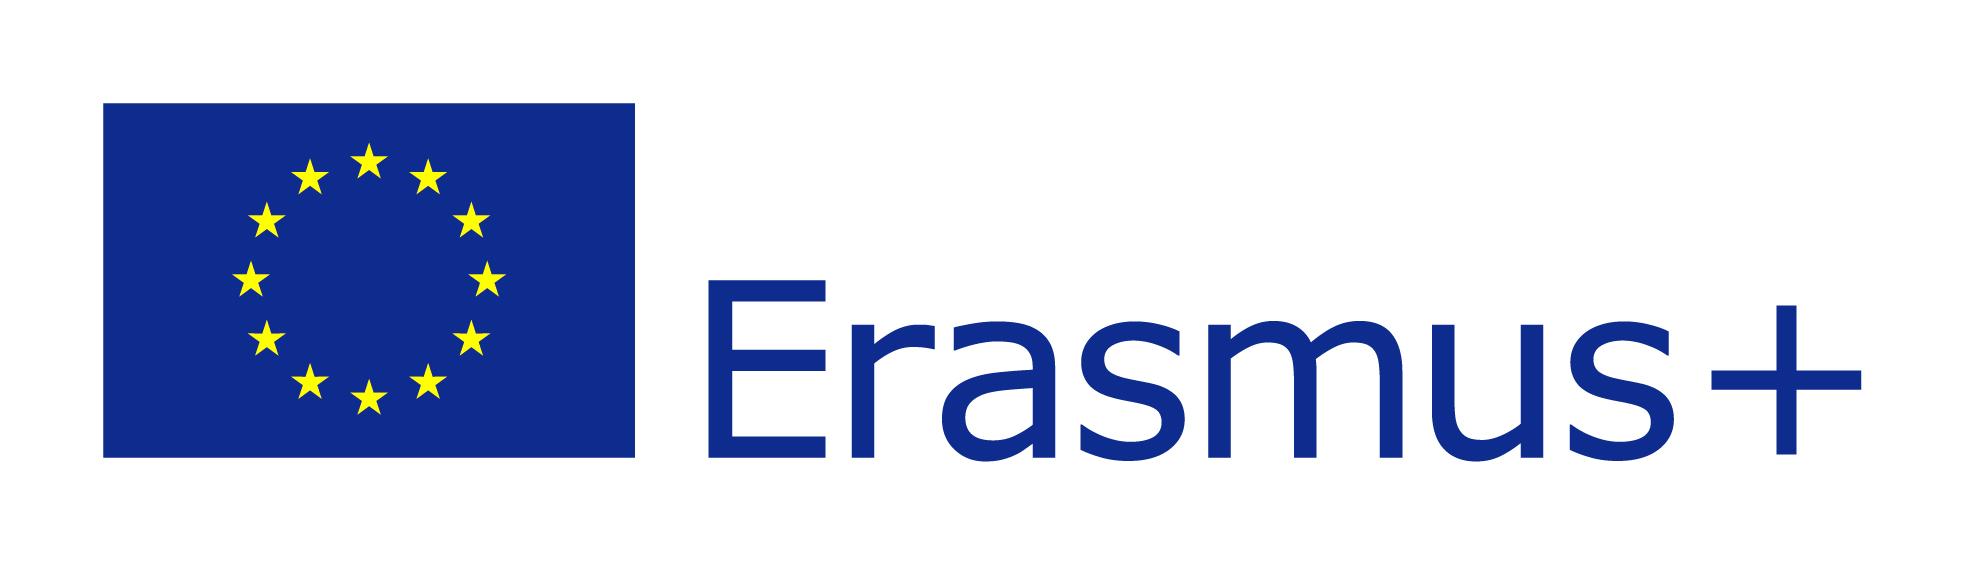 EU flag-Erasmus_vect_POSjpg